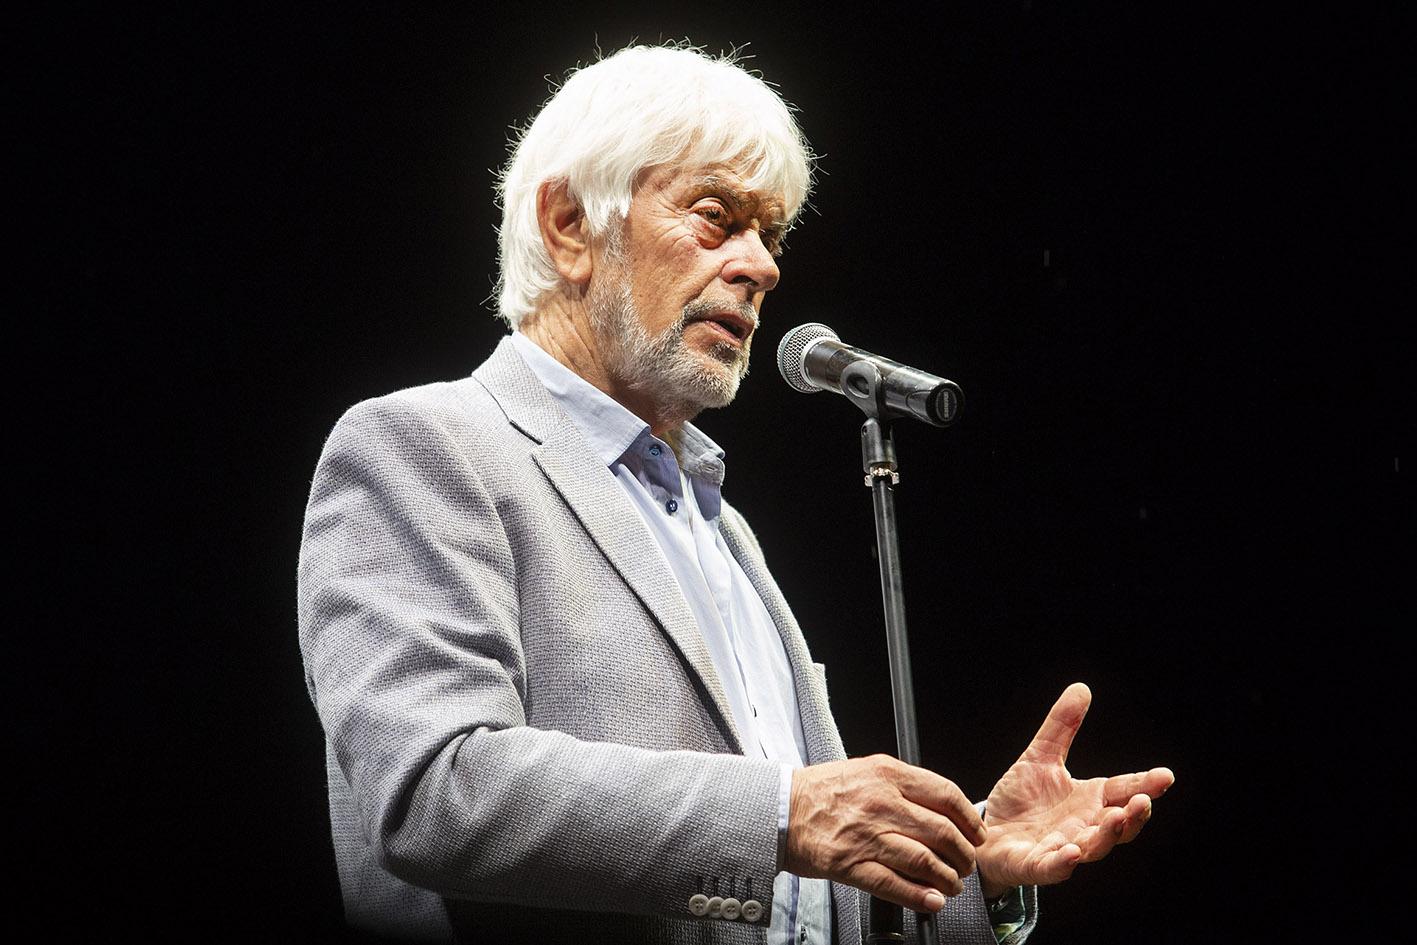 """TAU, VENERDÌ 26 LUGLIO A FABRIANO VALERIO MASSIMO MANFREDI """"IL MIO NOME È NESSUNO"""""""